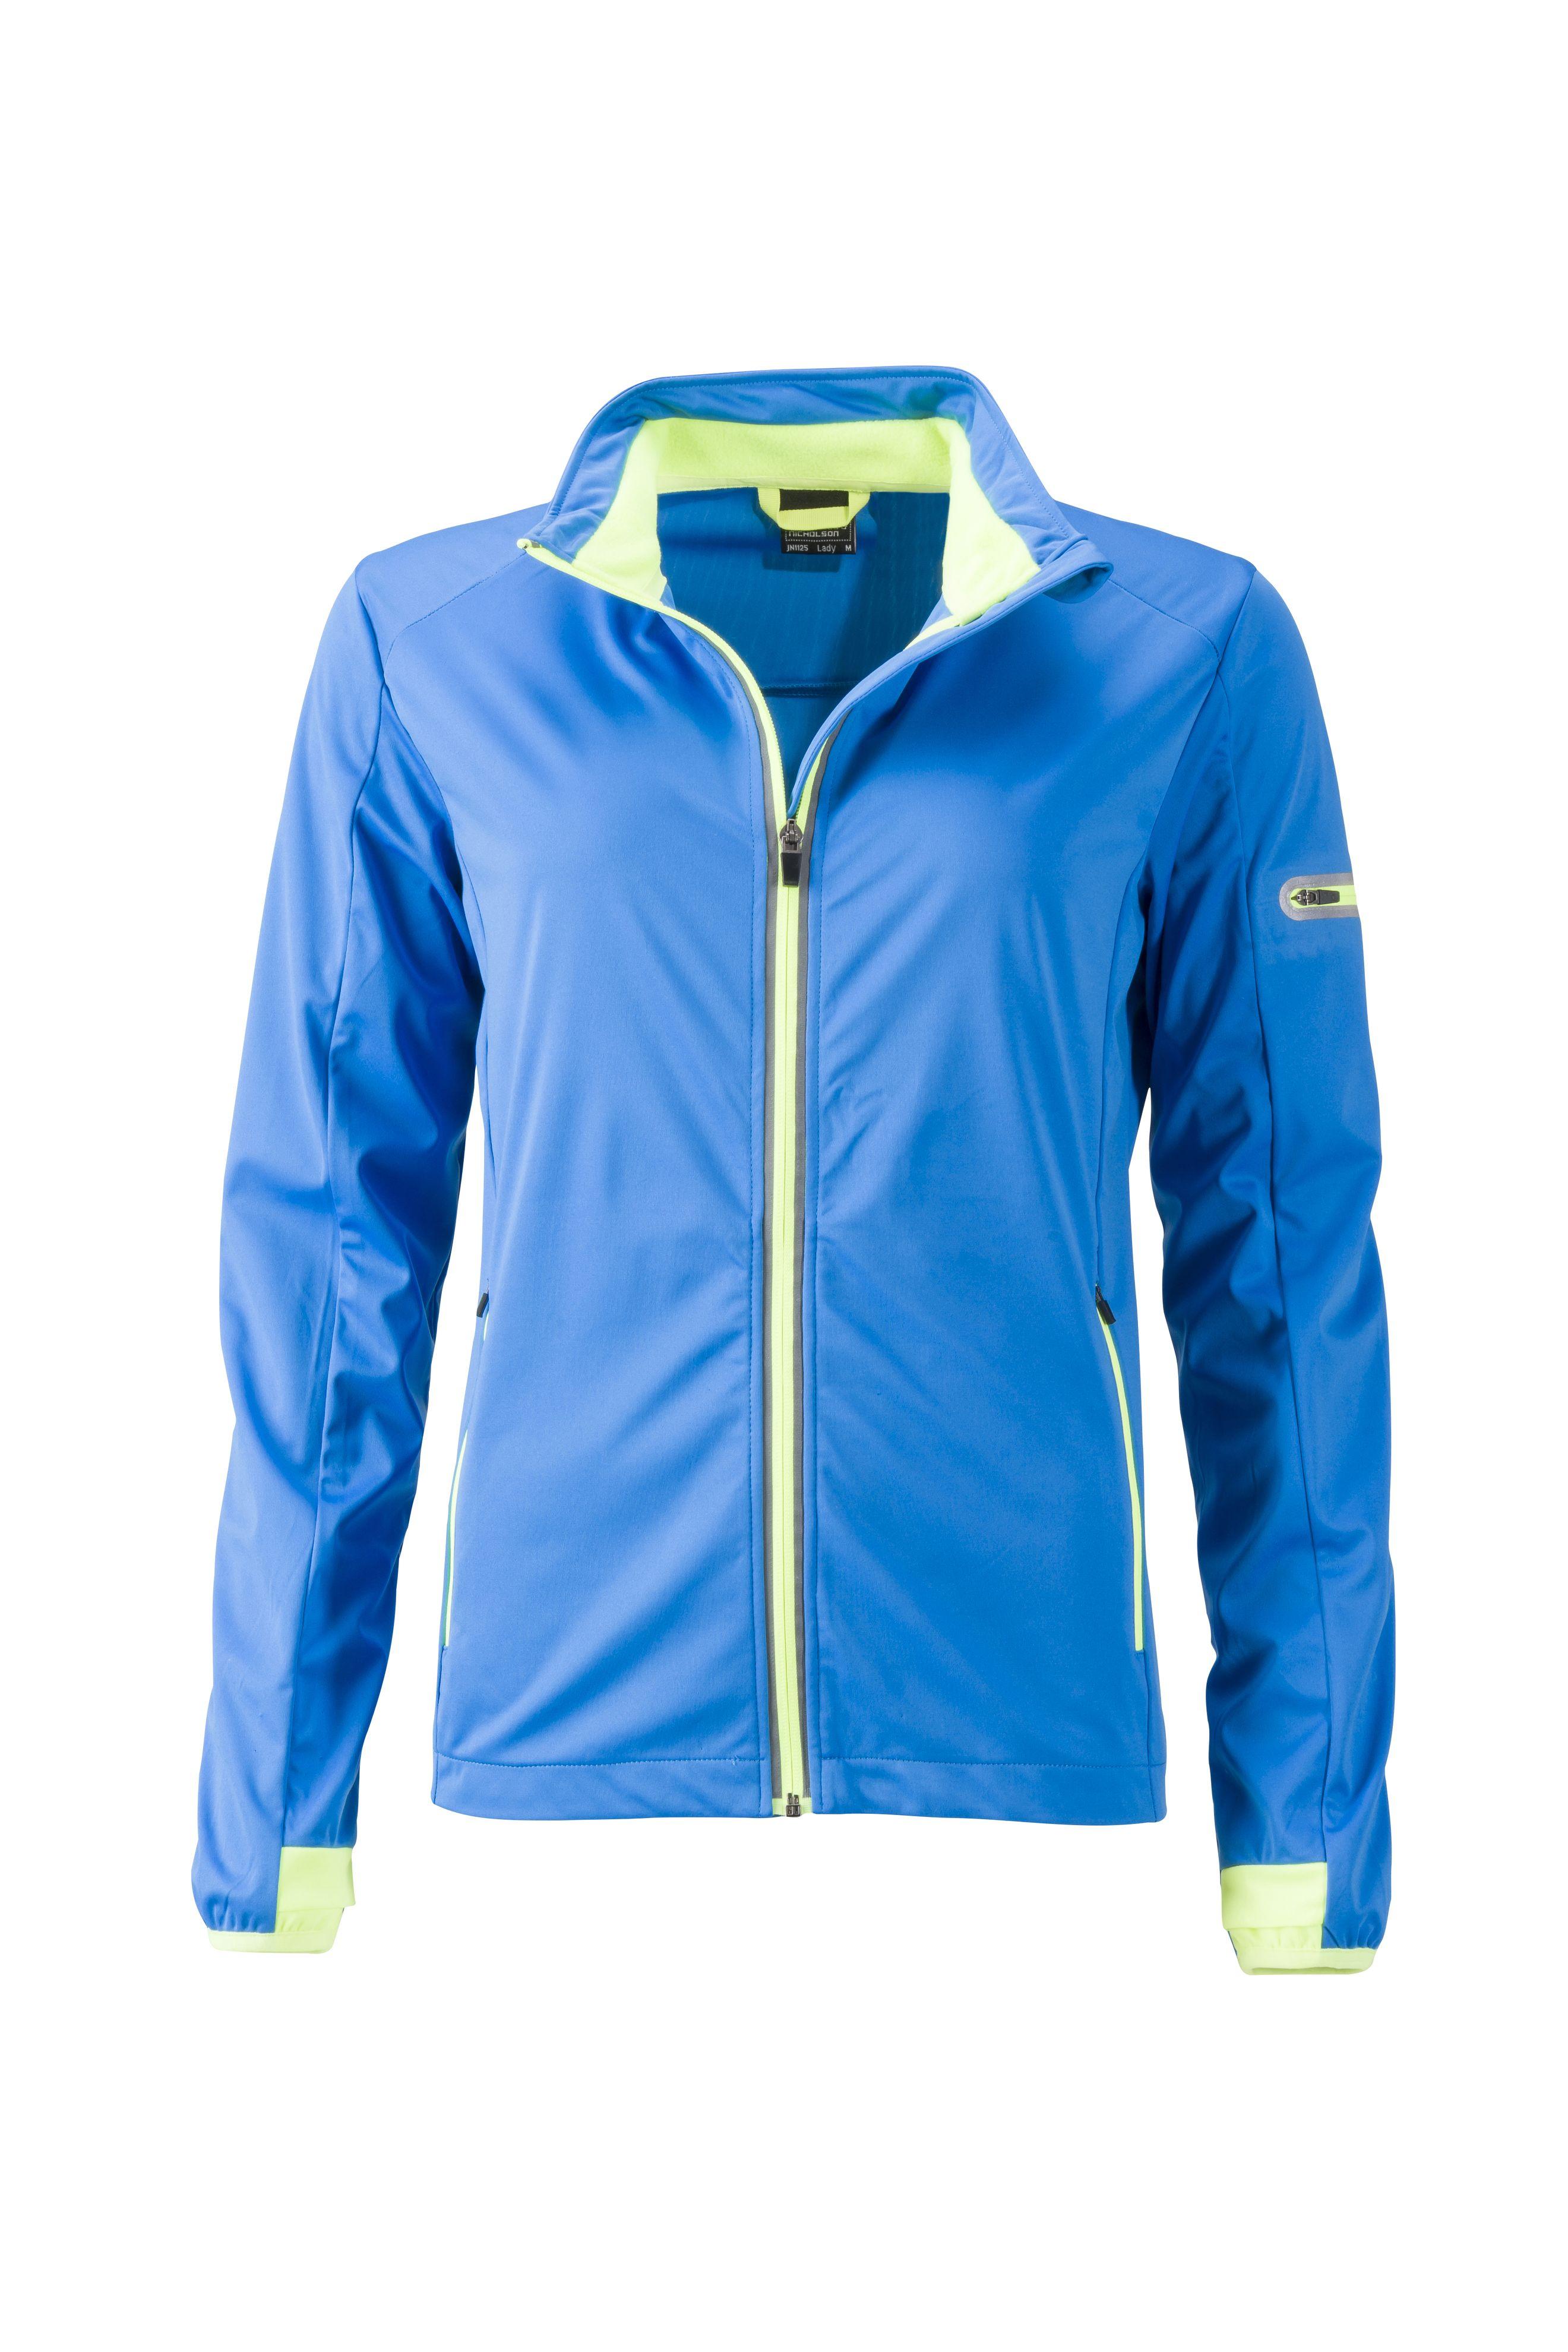 Funktionelle Softshell-Jacke für Sport, Freizeit und Promotion